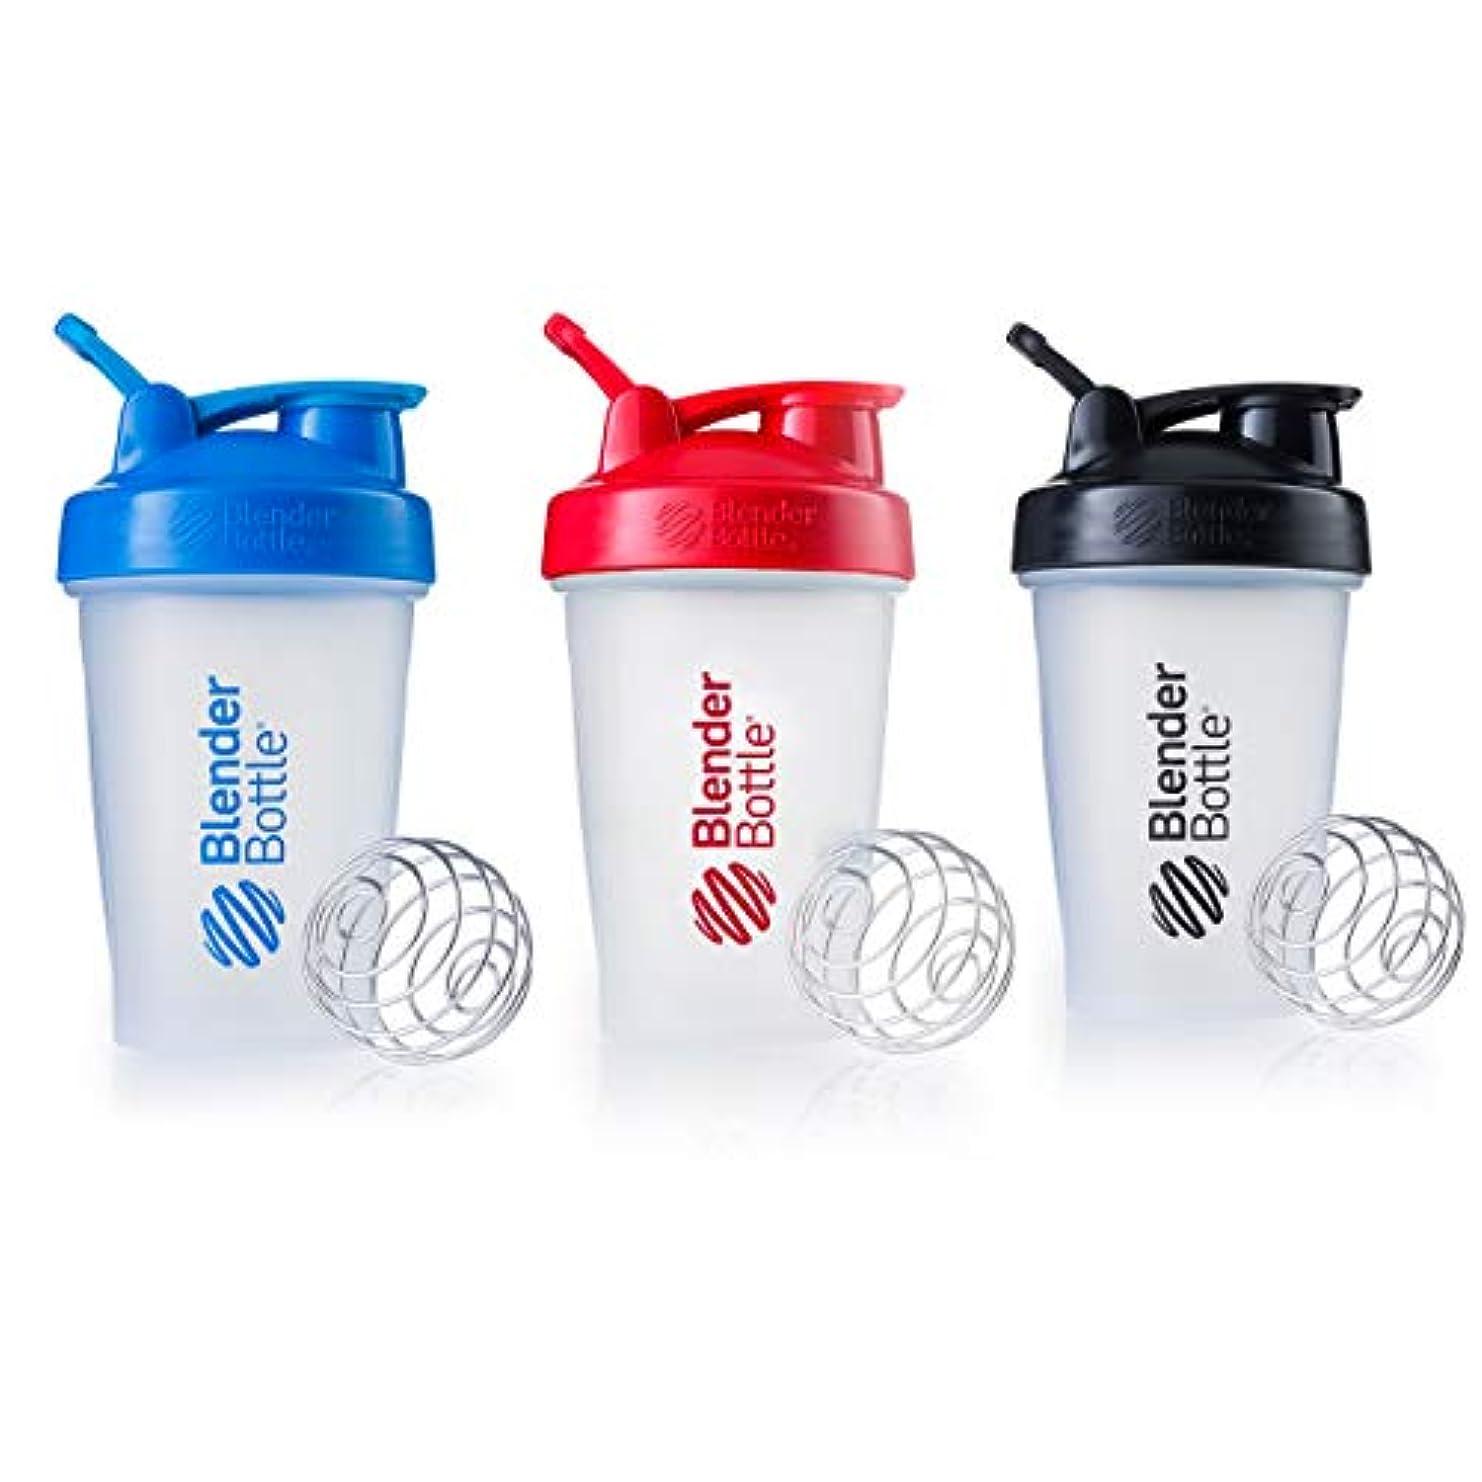 お茶マトリックス限りなくBlender Bottle with Shaker Ball 20 Oz, (Blue, Red, Black) by Blender Bottle